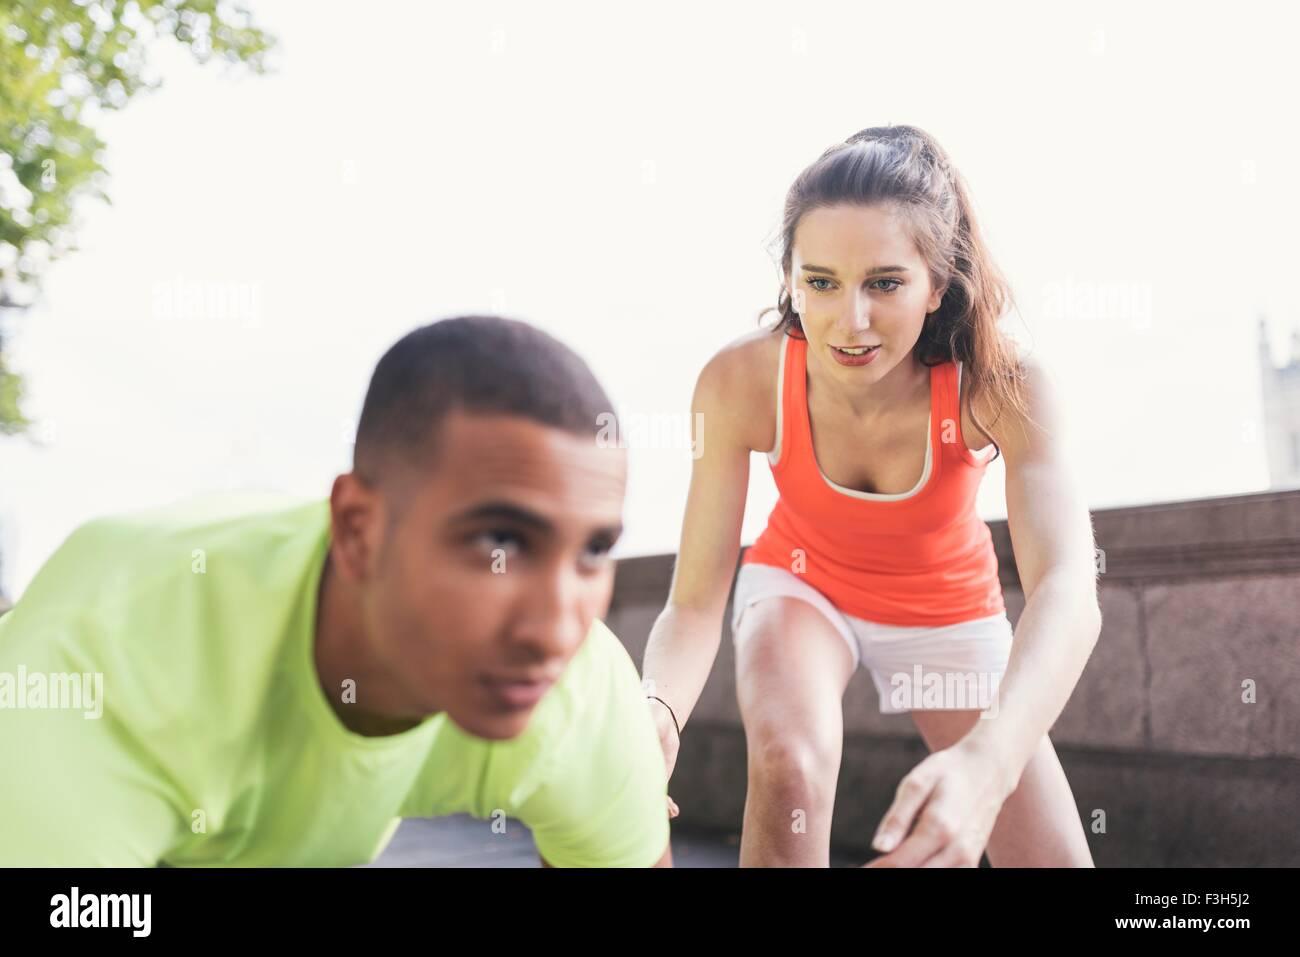 Las hembras jóvenes formador practicando comienza con hombres runner Imagen De Stock